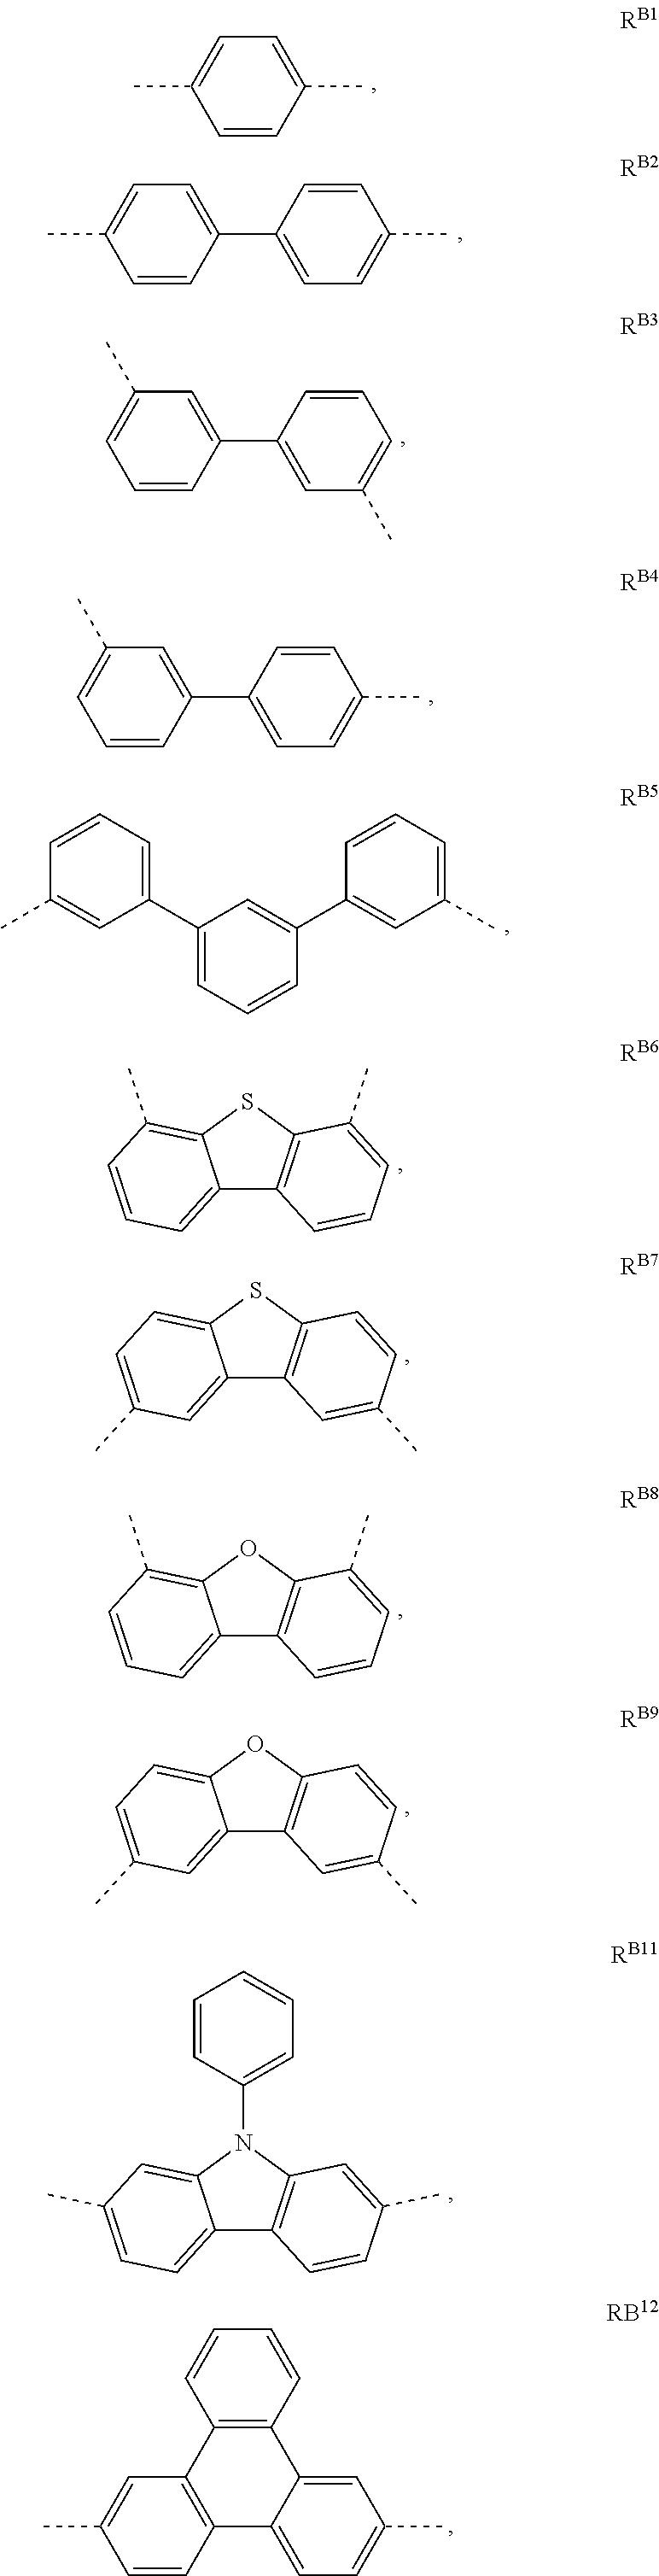 Figure US09761814-20170912-C00274